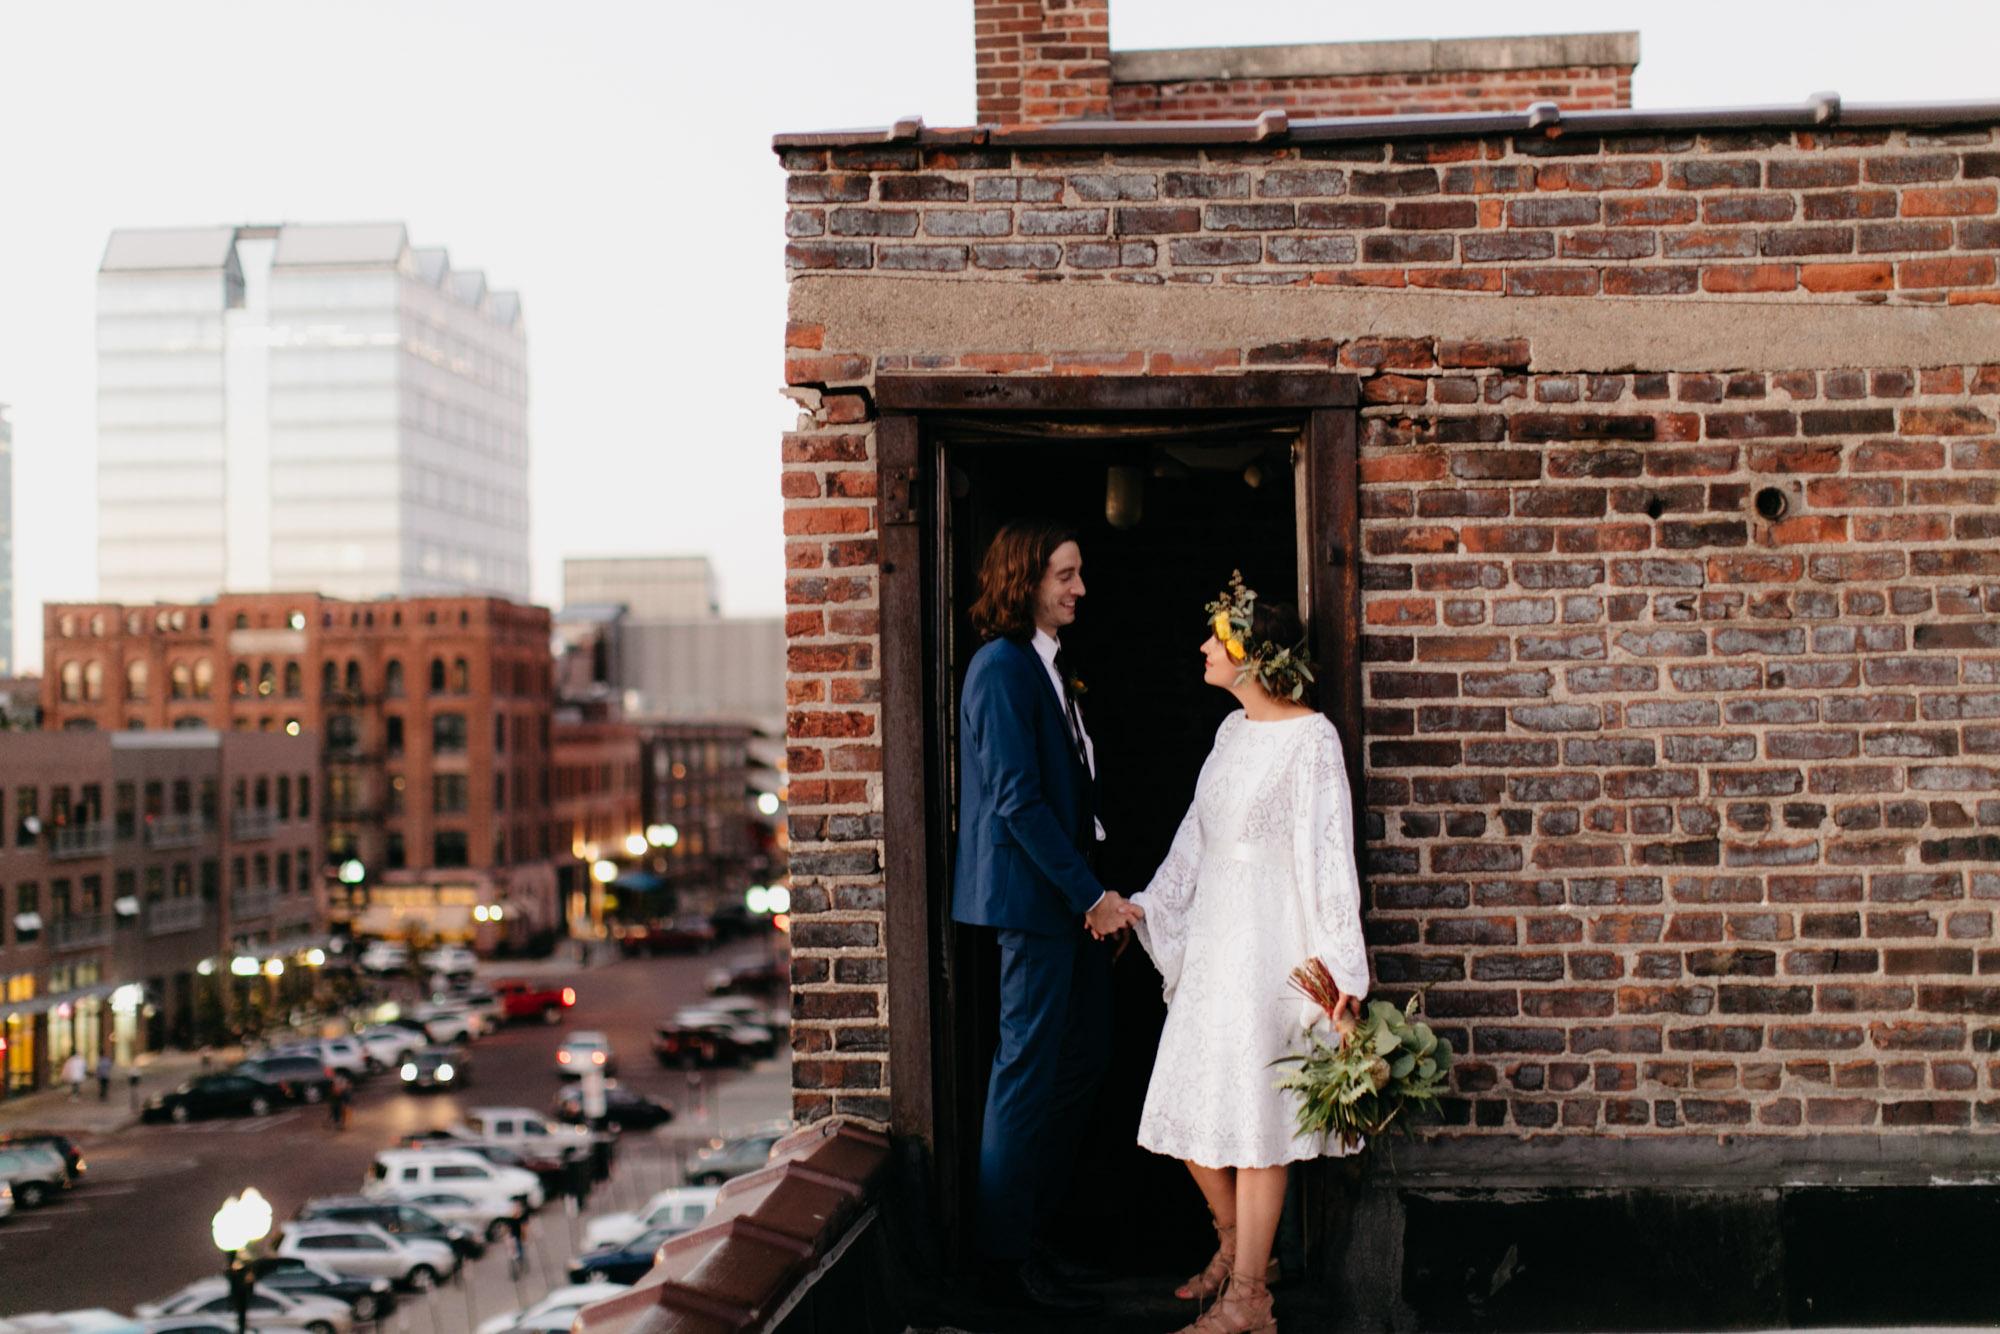 omaha-elopement-photographer-49.jpg